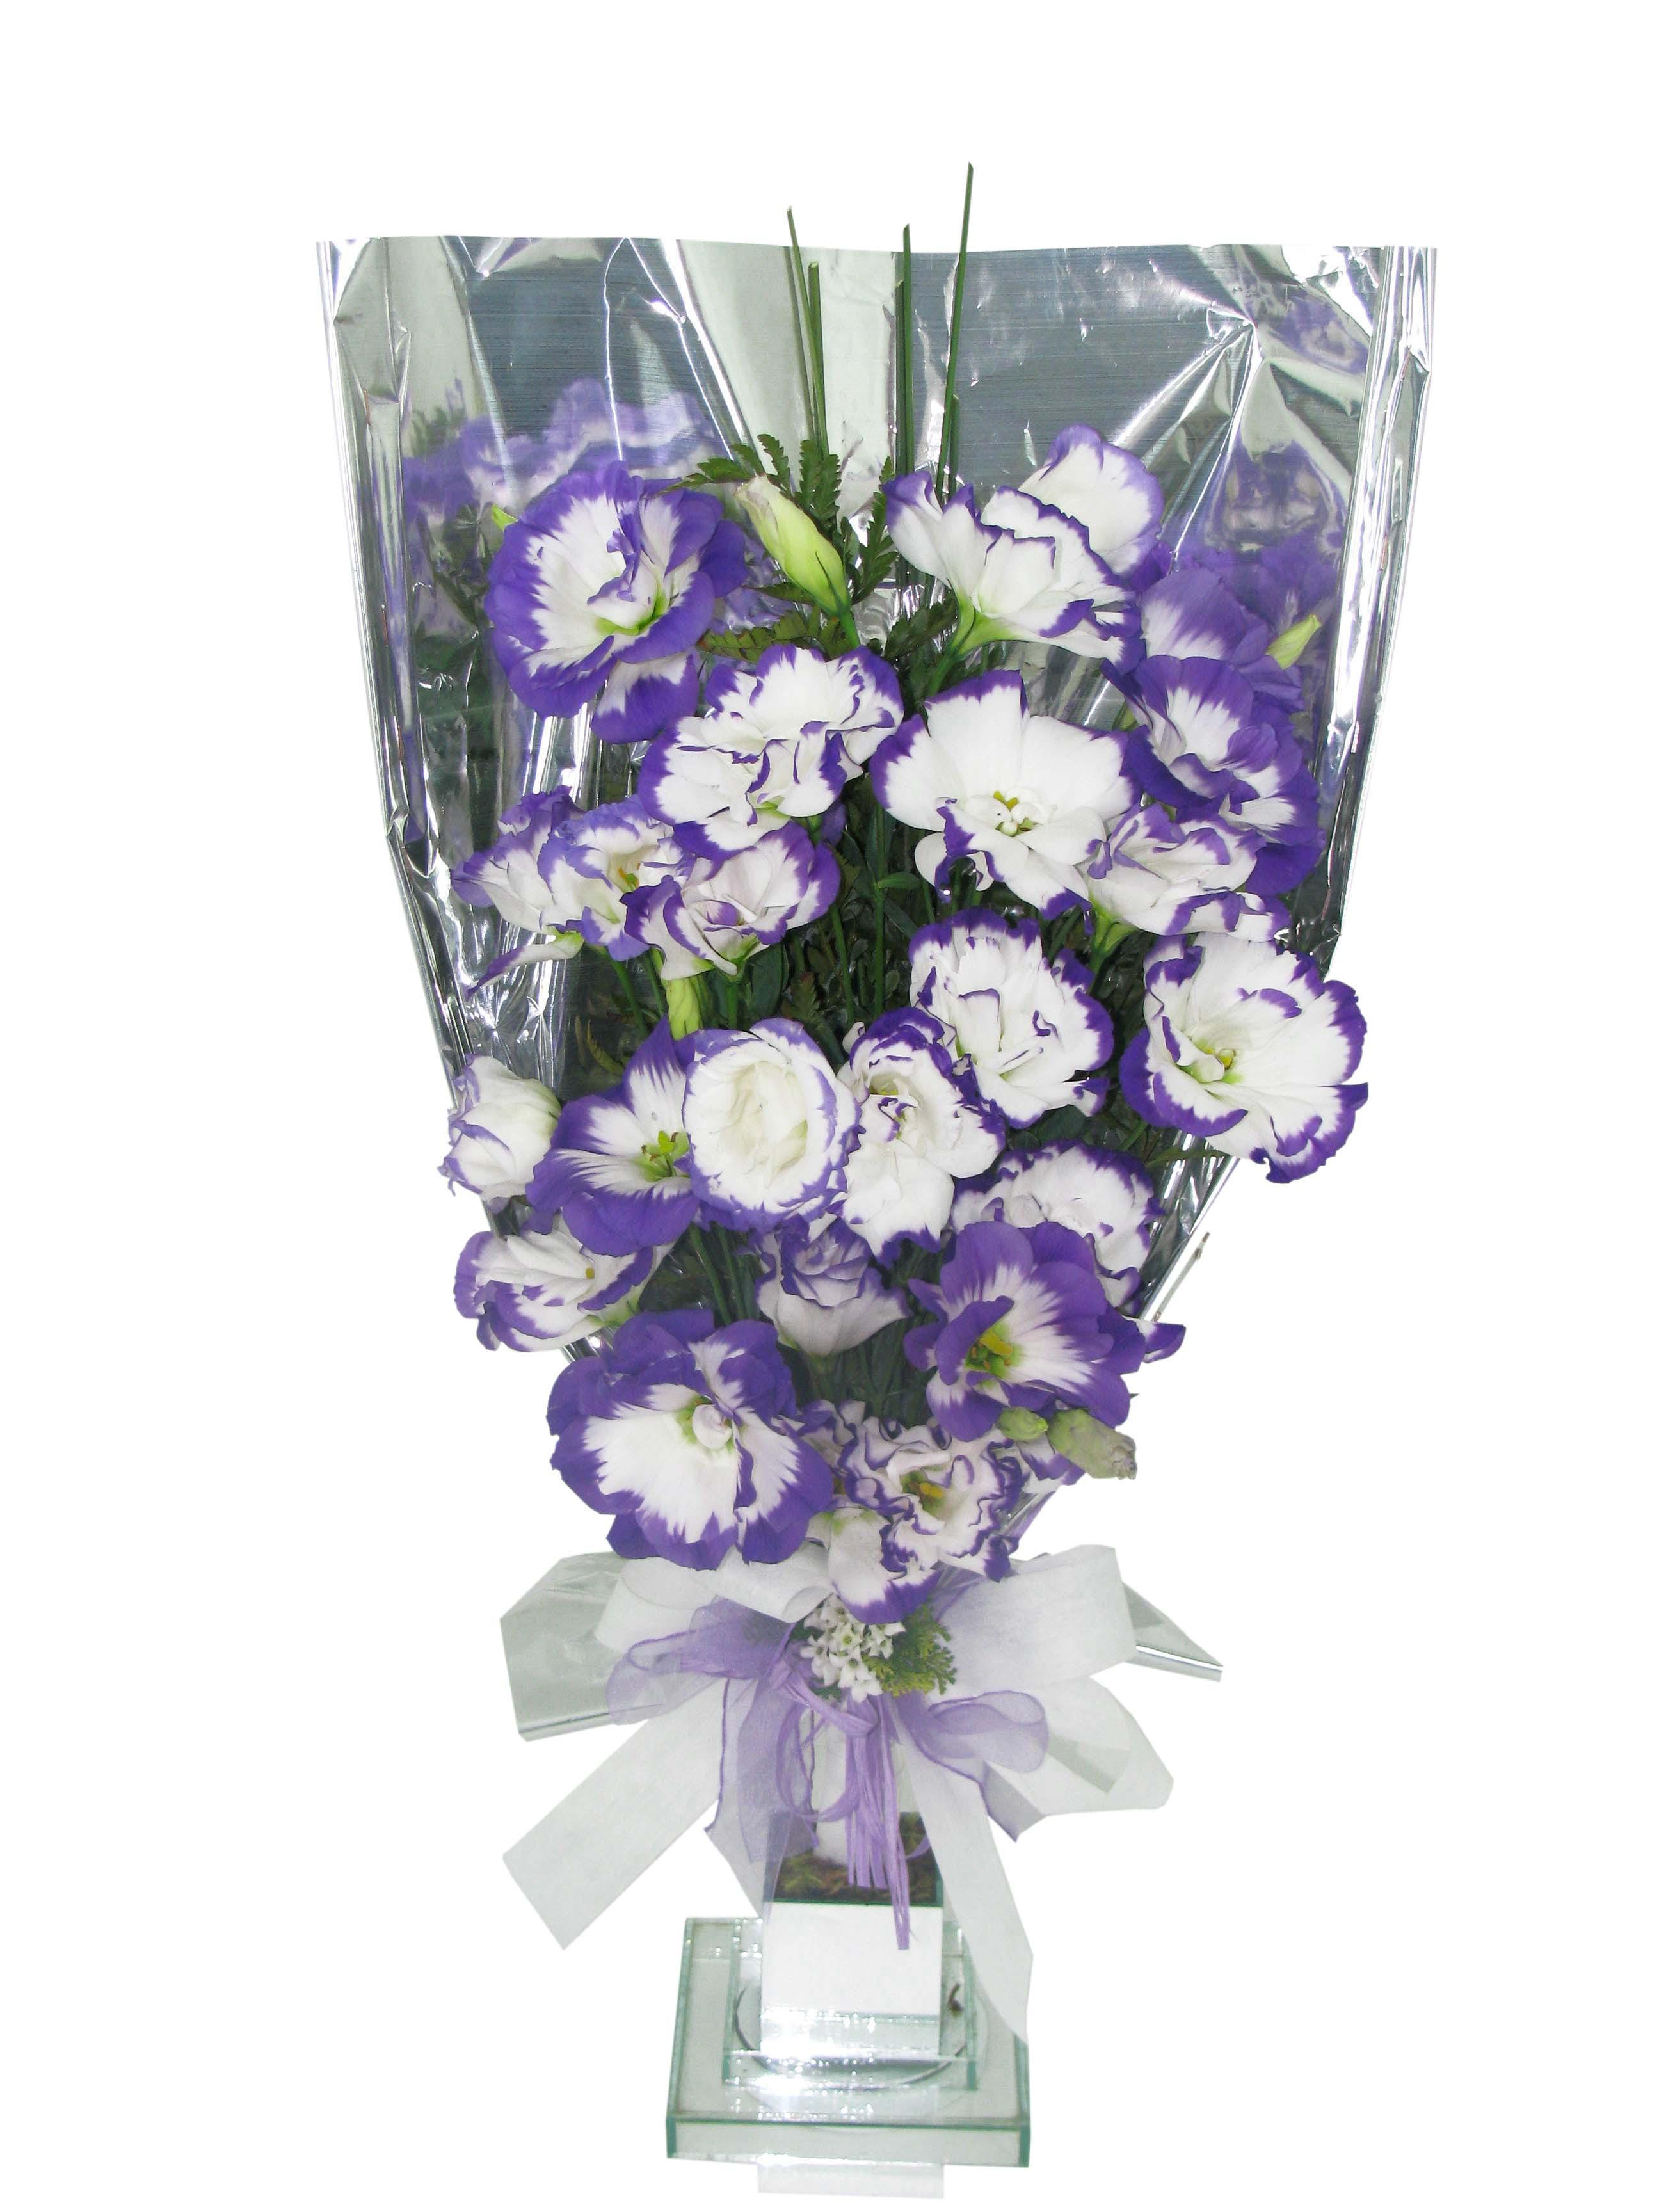 Bouquet leque de liziantus bicolor - BH